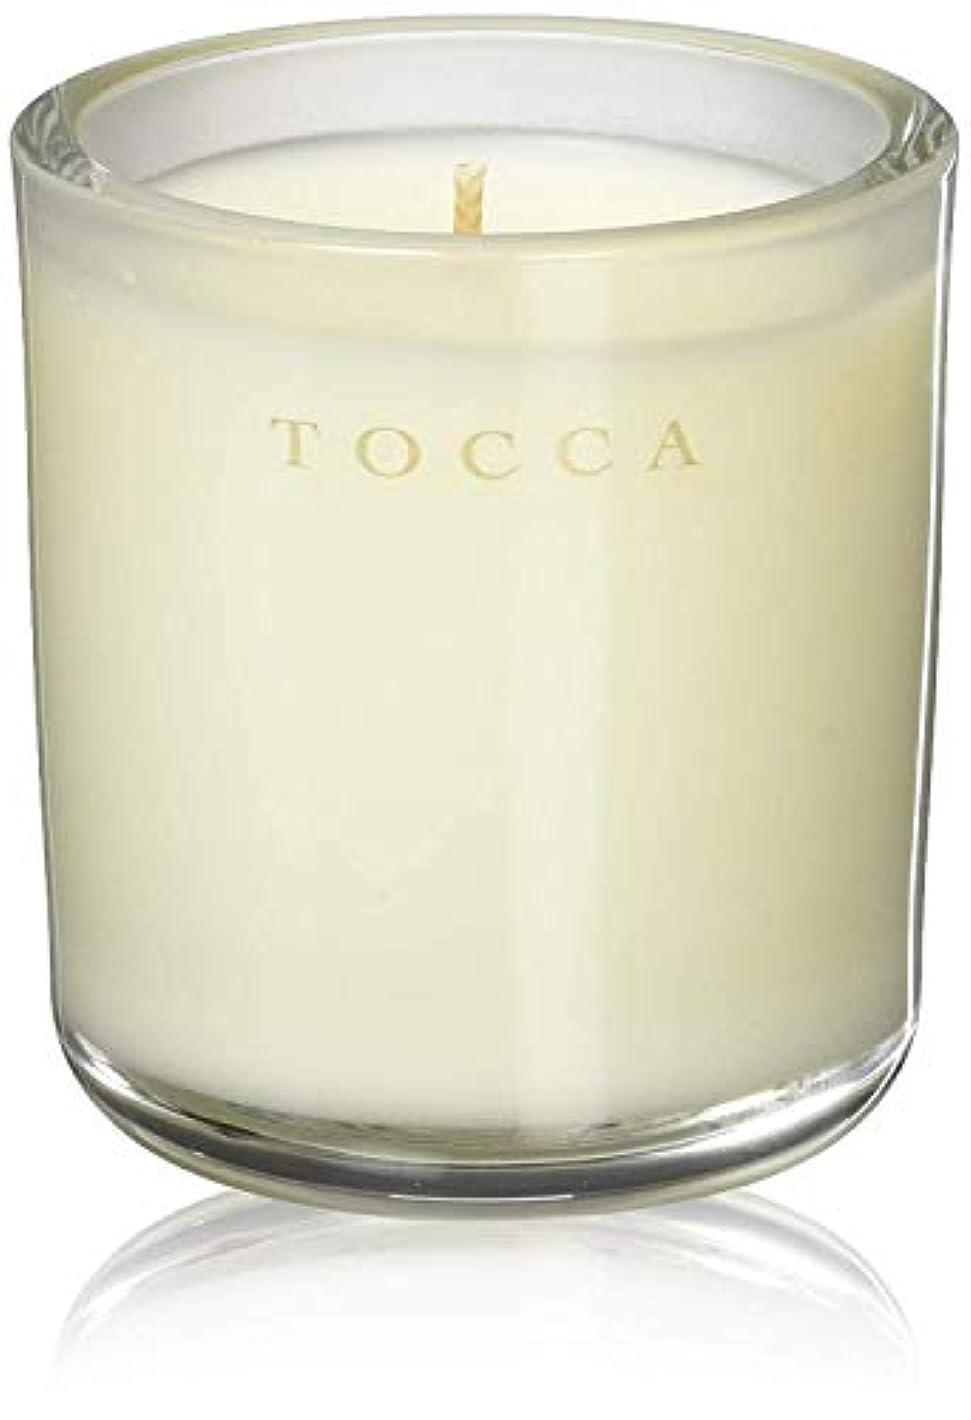 熟したショッキング重くするTOCCA(トッカ) ボヤージュ キャンデリーナ バレンシア 85g (ろうそく 芳香 オレンジとベルガモットのフレッシュシトラスな香り)